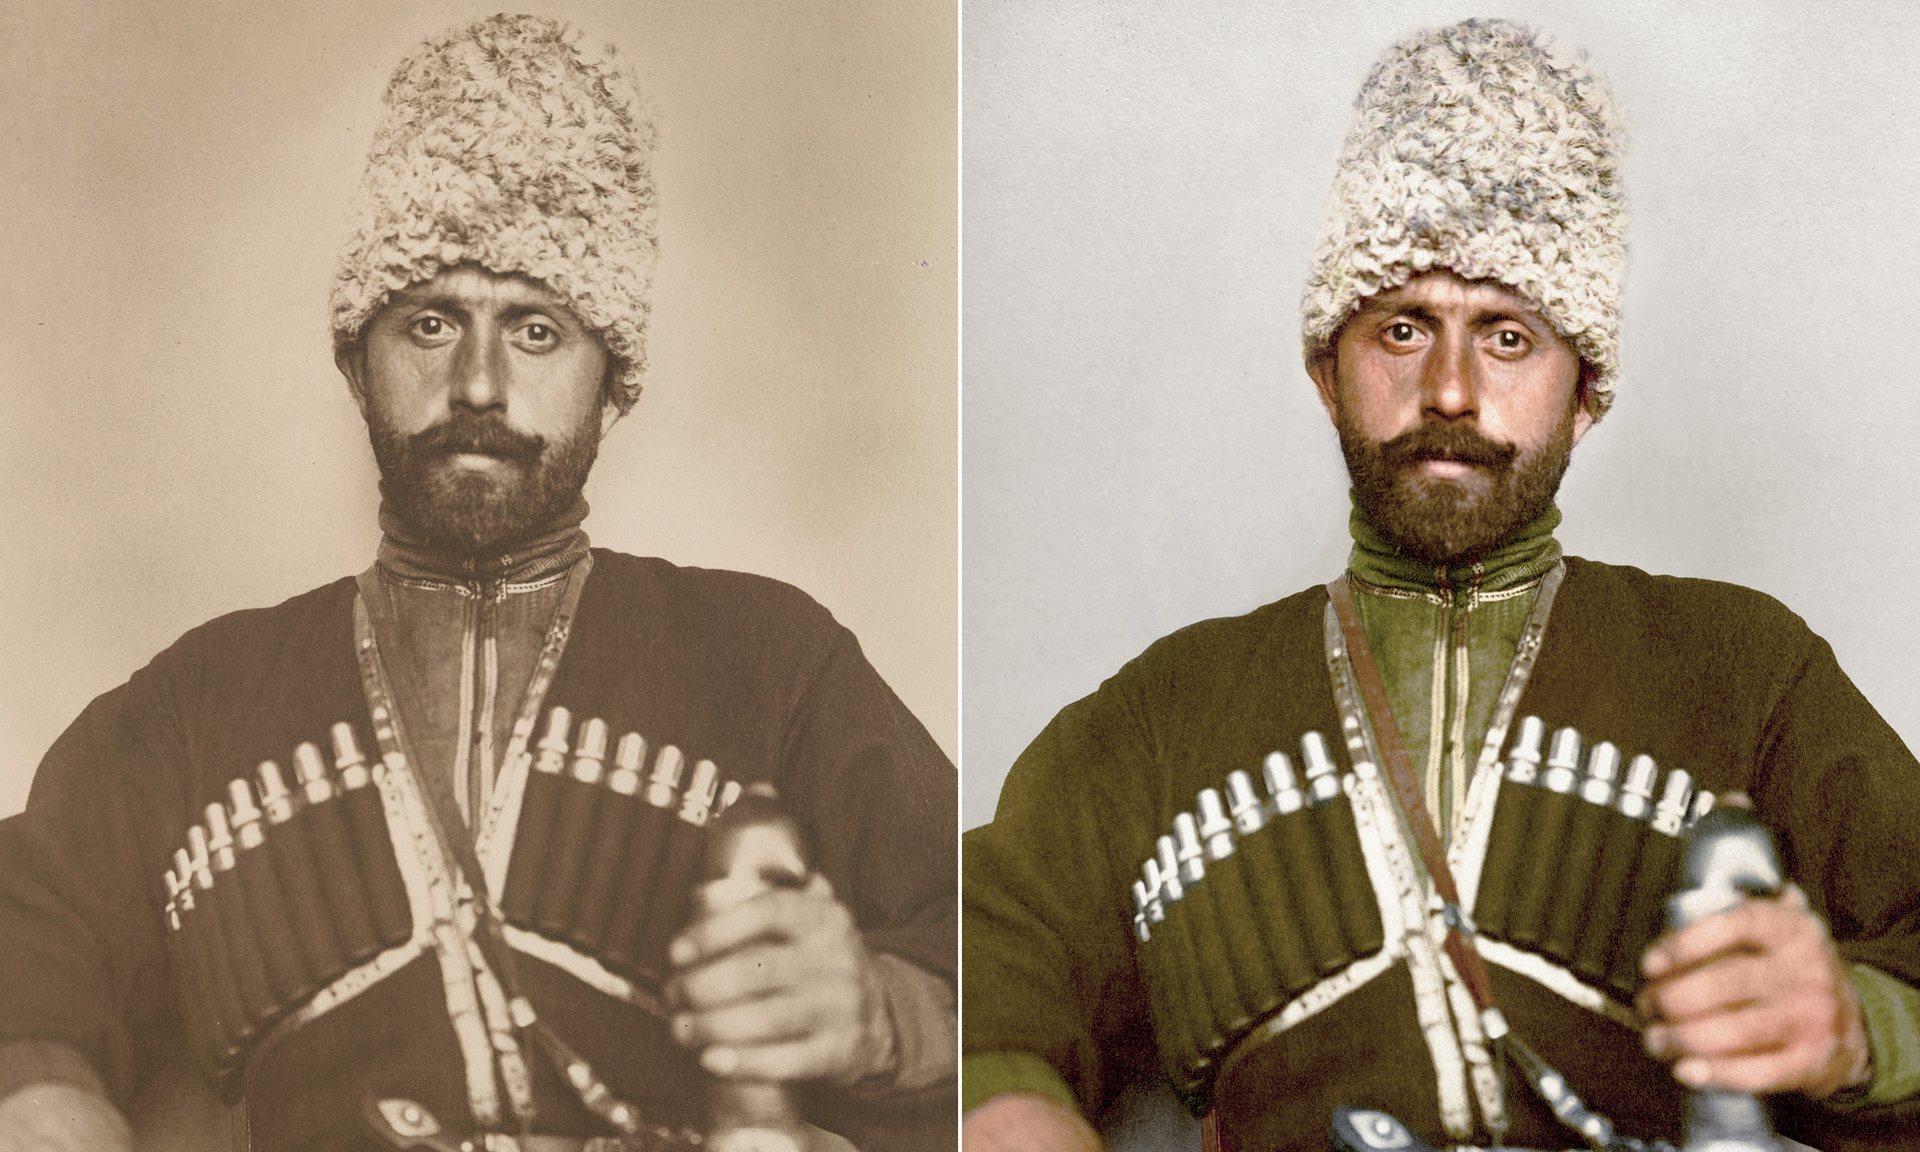 Un auténtico cosaco portando su sobrero de lana de cordero